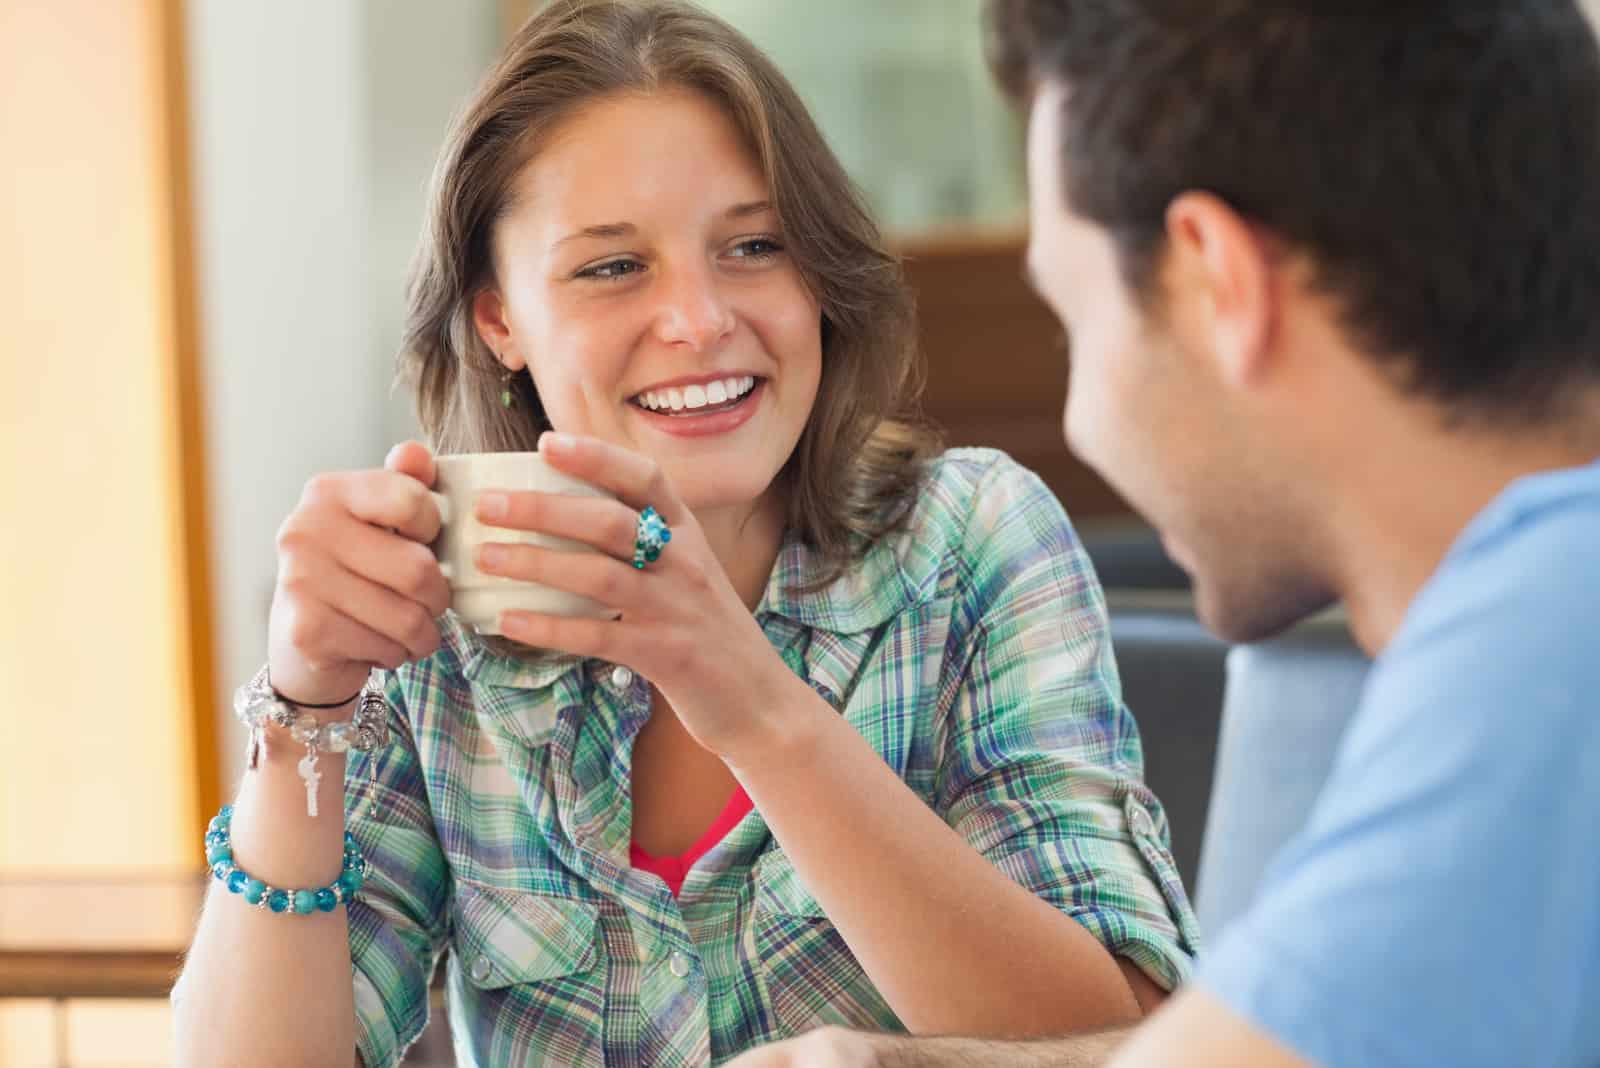 une femme souriante parlant à un homme autour d'un café